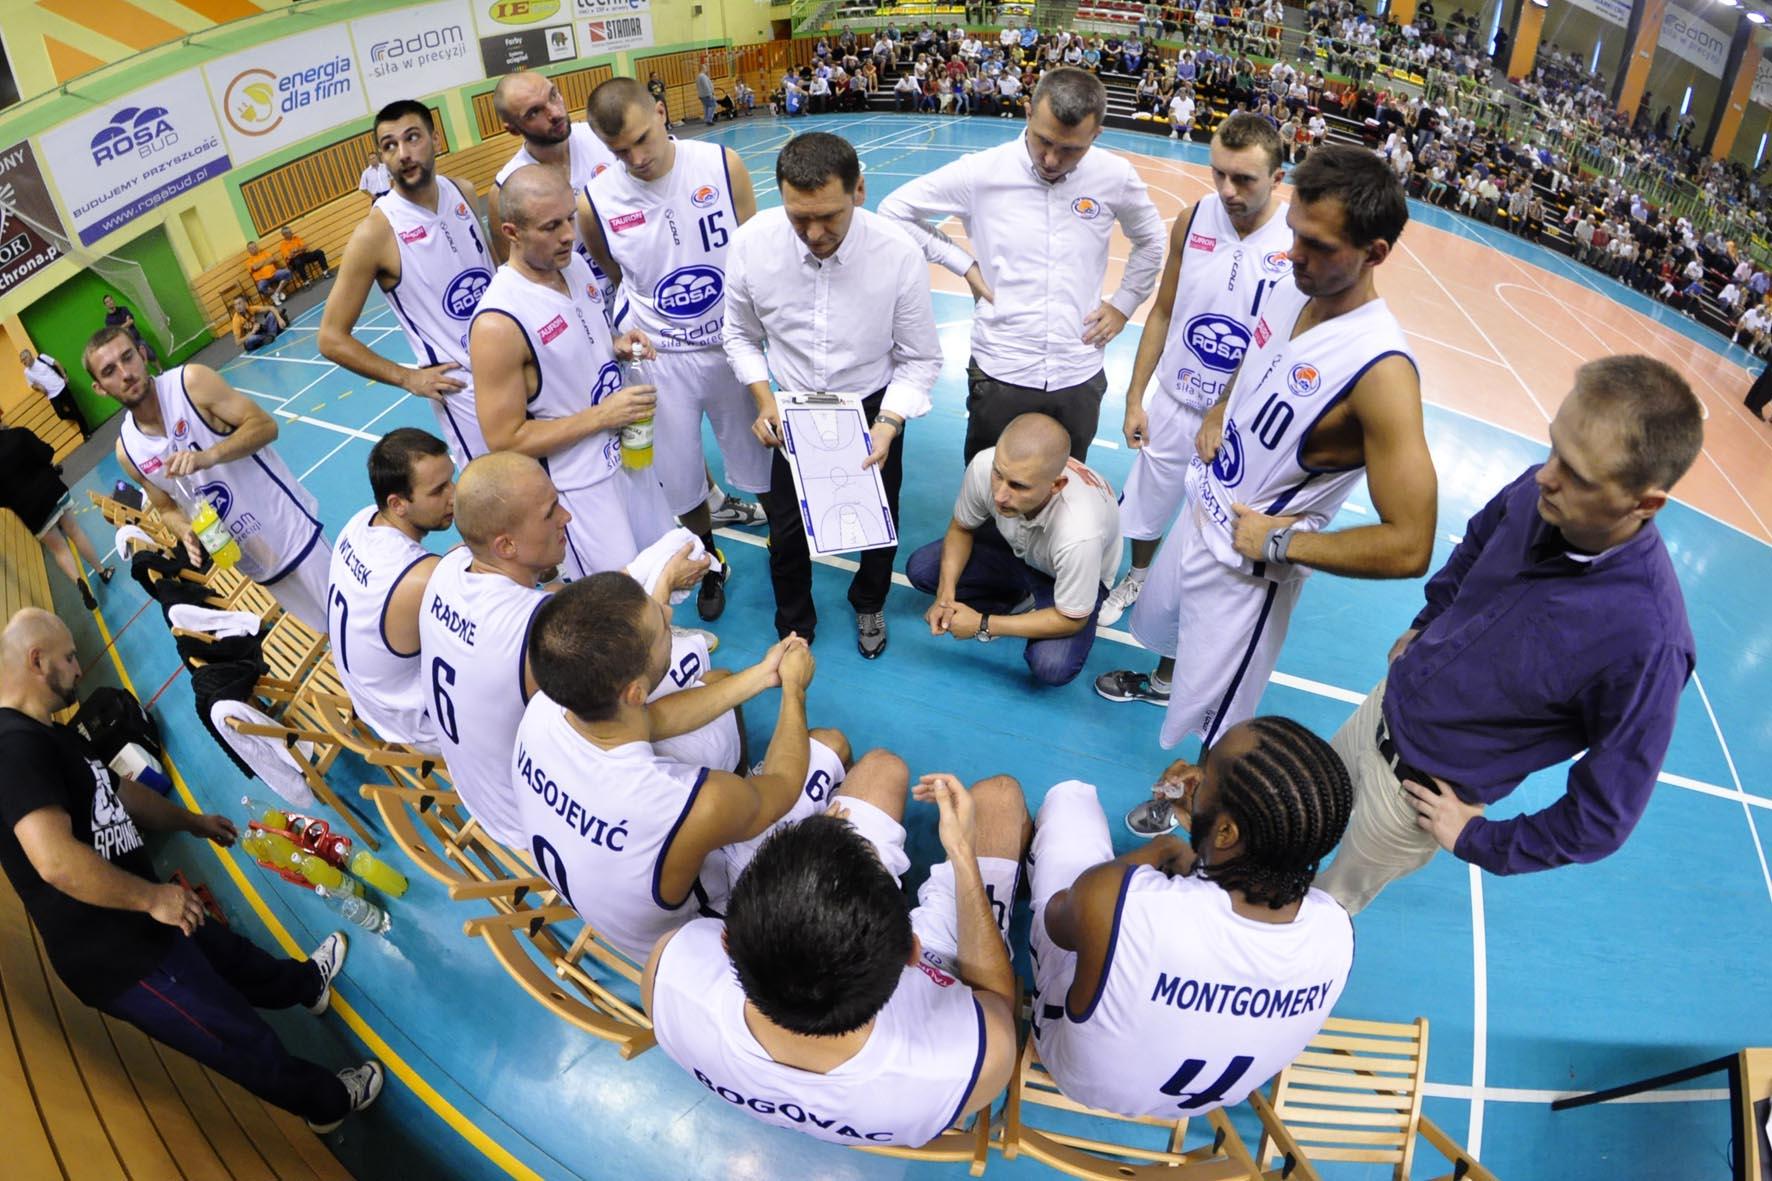 ROSA wygrała pierwszy mecz w Tauron Basket Lidze fot . S W